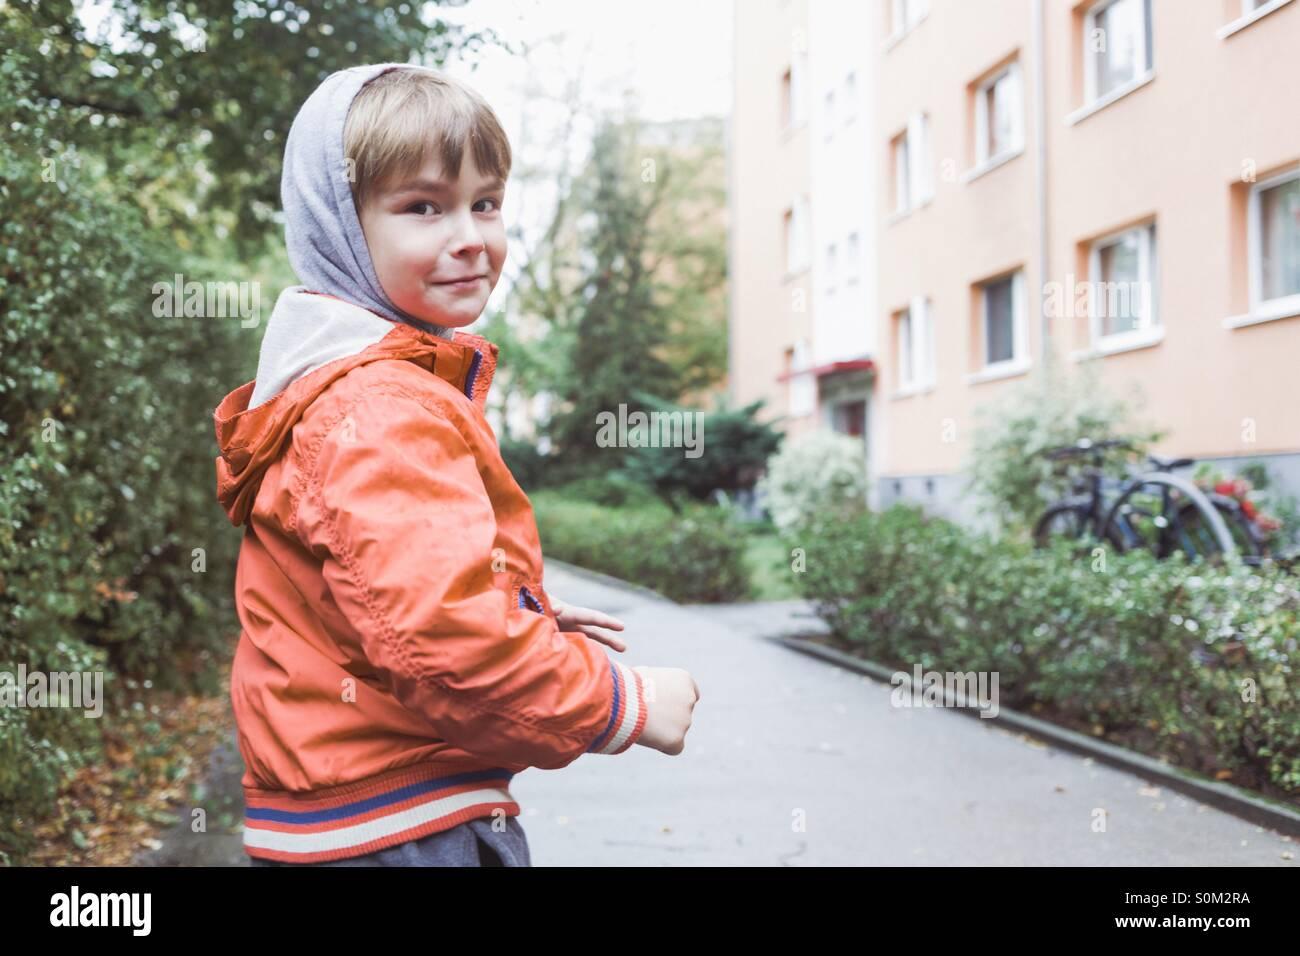 Retrato de niño de preescolar en el contexto urbano, sonriendo a la cámara Imagen De Stock